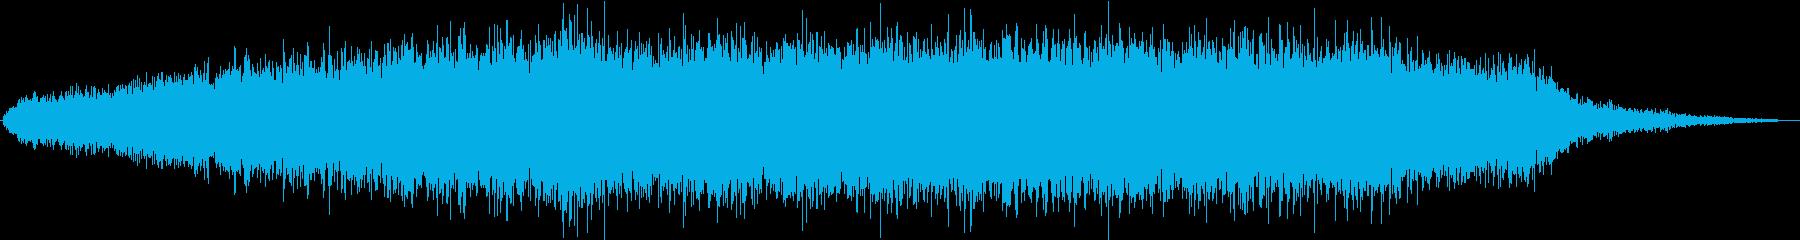 ドローン ひらひら闇01の再生済みの波形